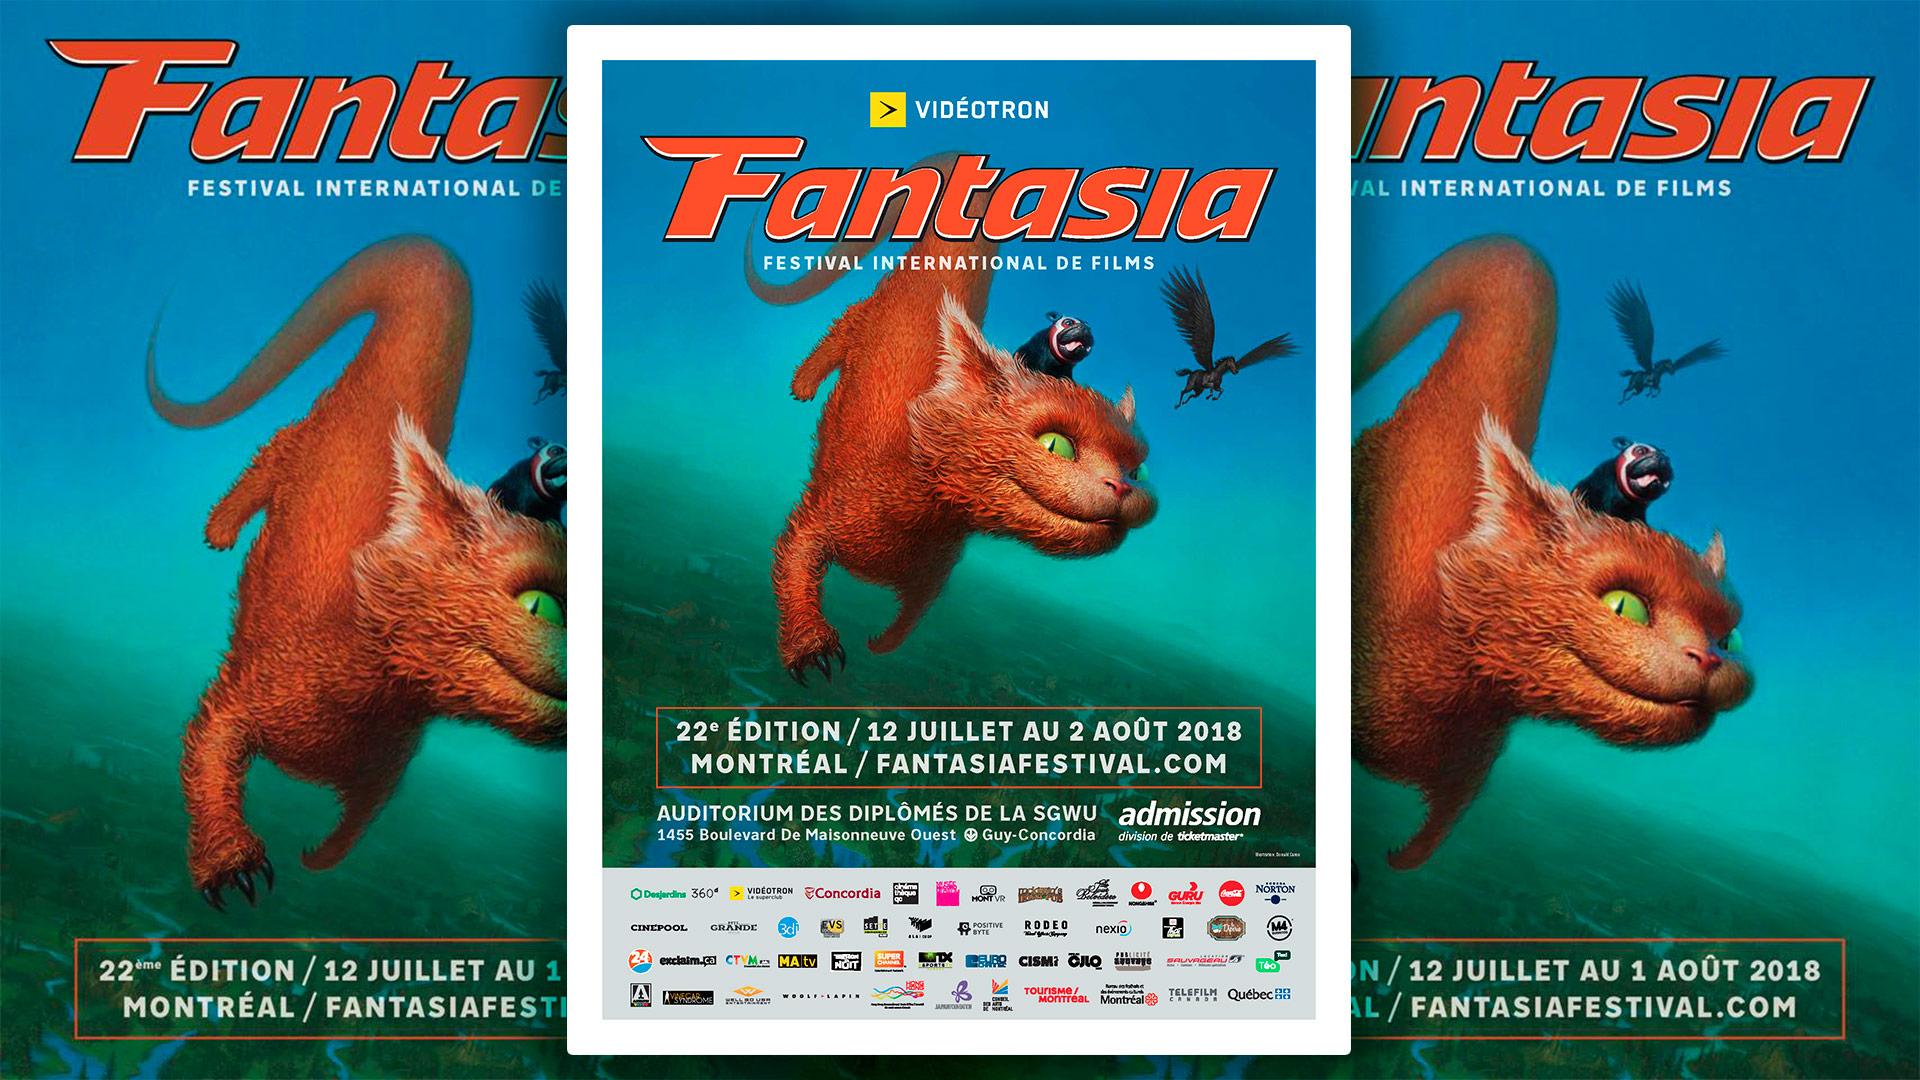 [Fantasia 2018] La programmation complète du festival est révélée